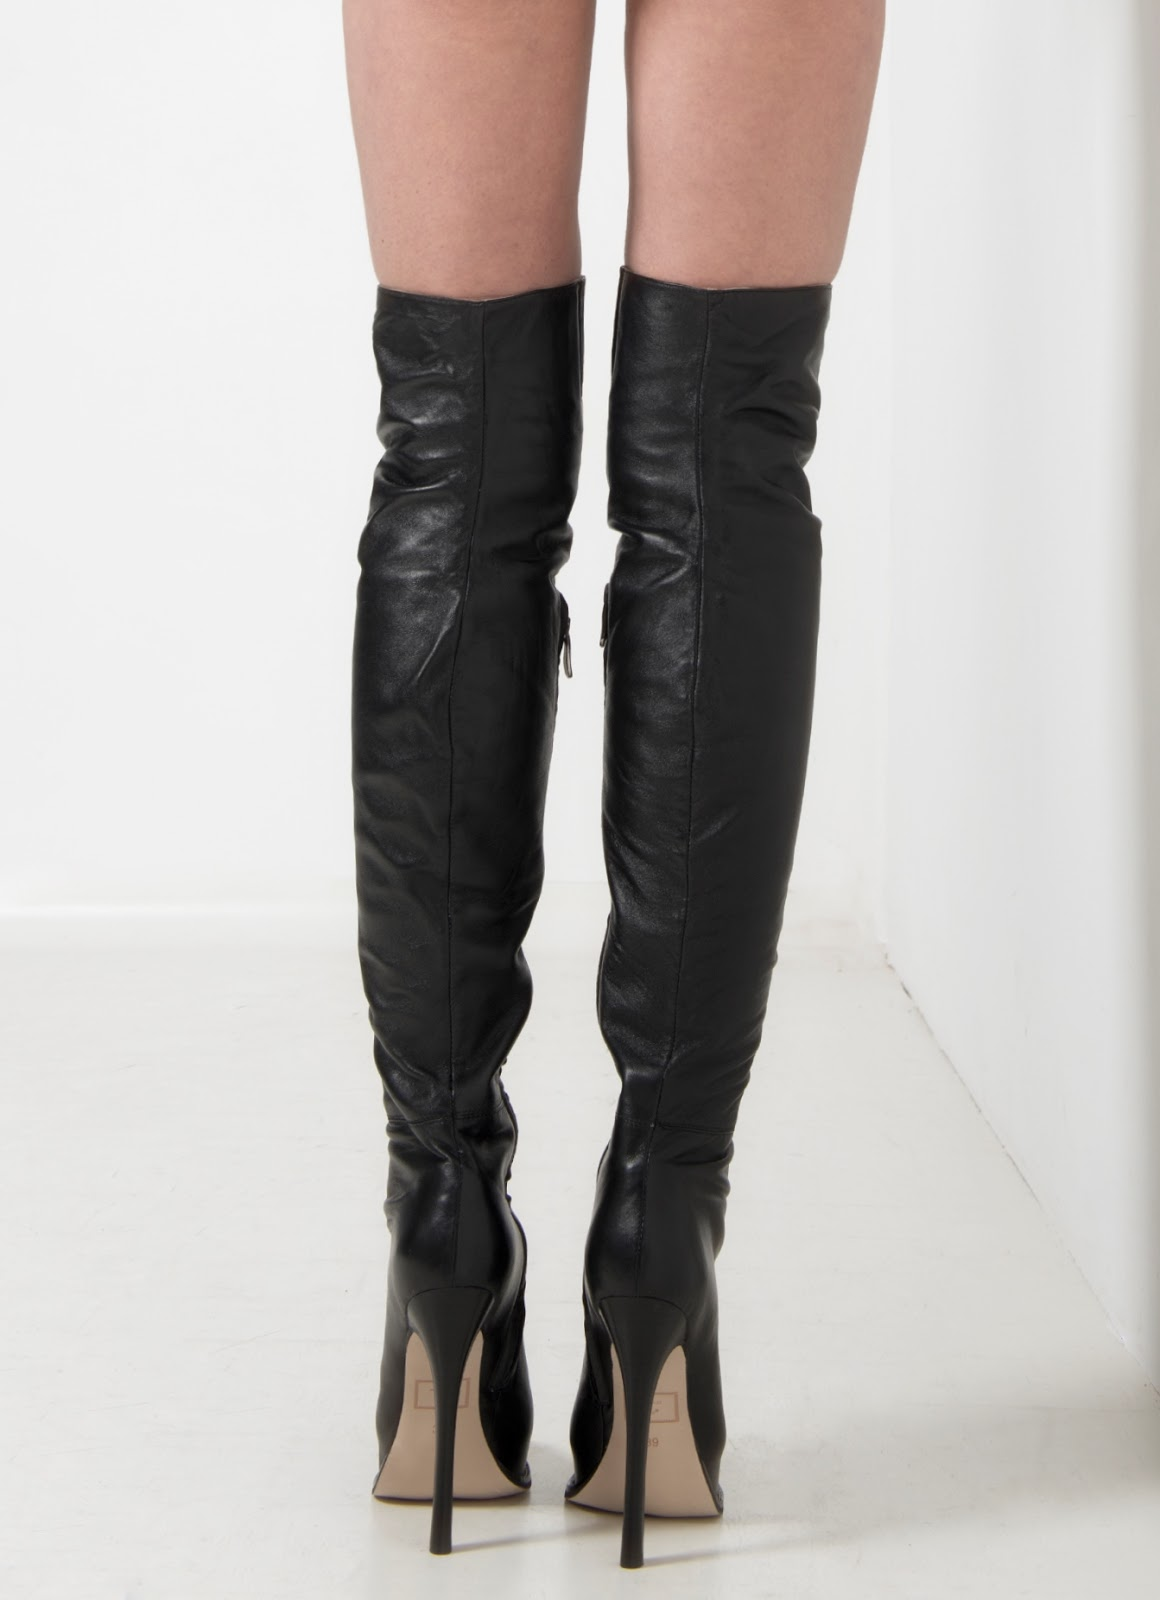 arollo stiletto overknee stiefel und sexy lange high heel crotch boots online shop schwarze. Black Bedroom Furniture Sets. Home Design Ideas